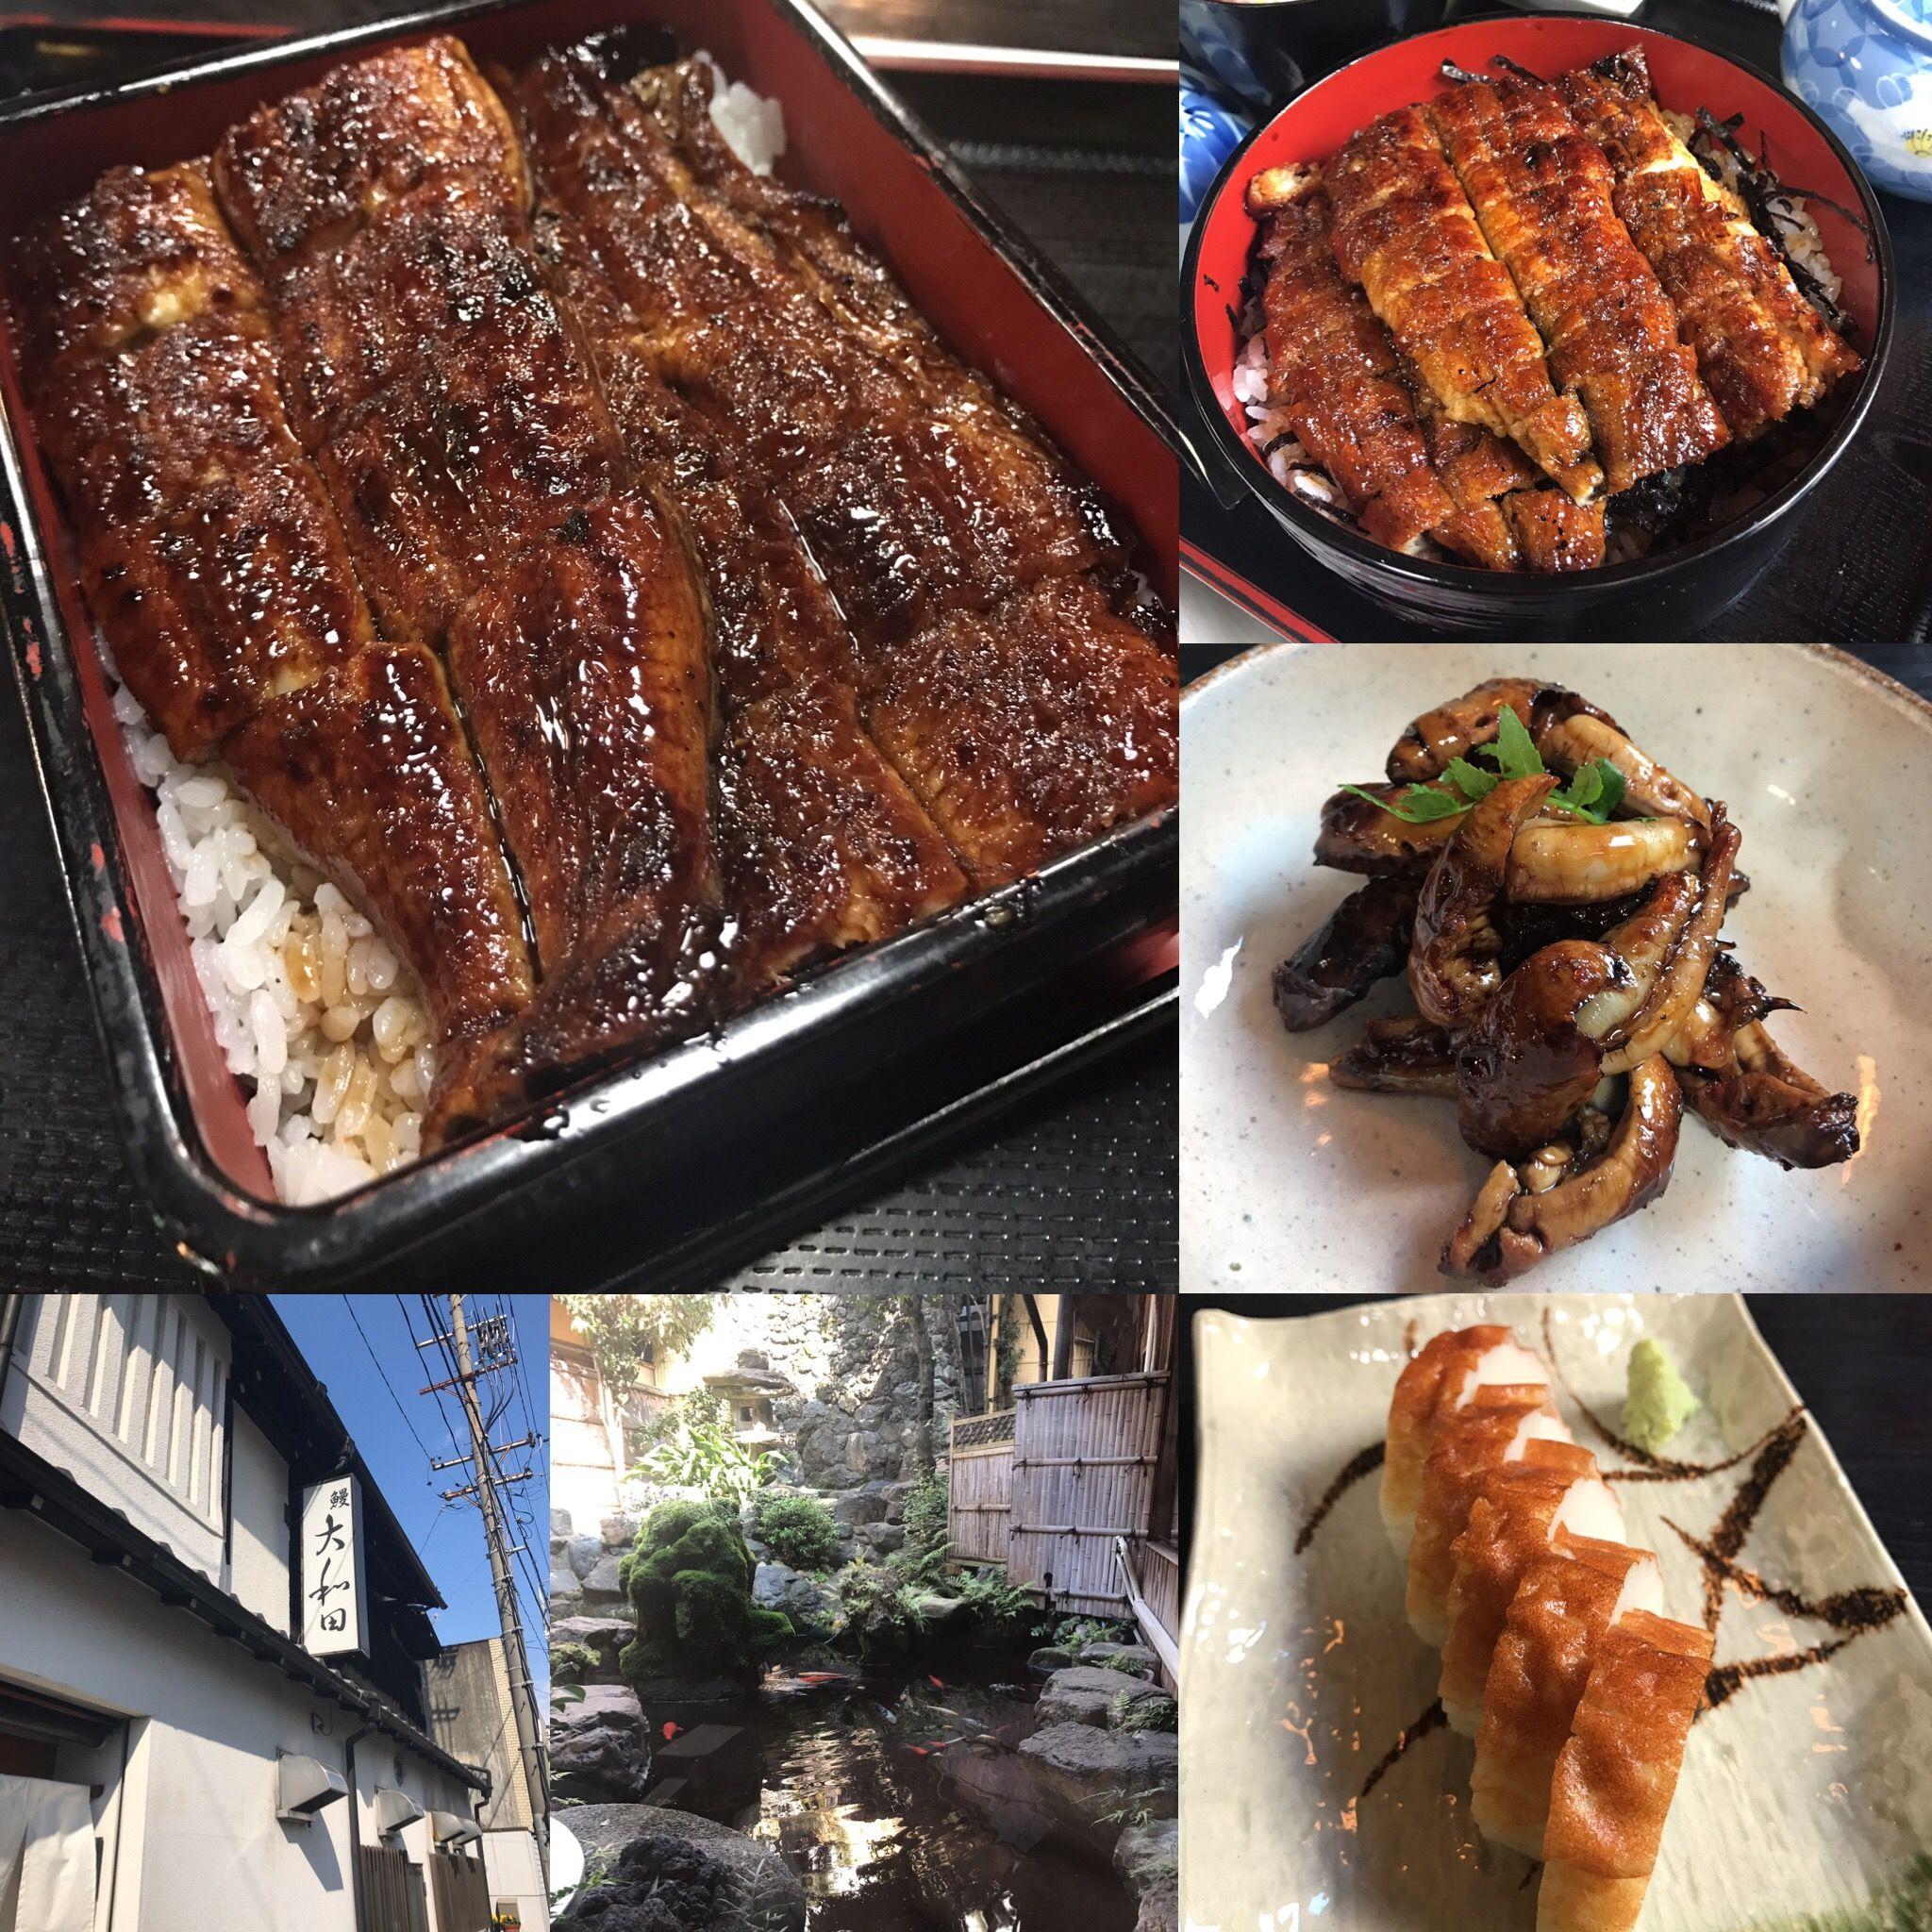 今週は連続でうなぎ大和田さんへ❣️ ☆*:.。. o(≧▽≦)o .。.:*☆  東京のお客様も、香川のお客様も皆んな鰻が大好き❣️  終始、美味しい笑顔でご満悦でした❣️  大和田さんの美味しい鰻料理❣️  個人的には豪快なうな重がおすすめです❣️  感謝❣️  #鰻 #鰻料理の大和田 #うな肝 #板わさ #鰻は焼きたてホクホク #うな重とひつまぶし #個人的にはうな重 #県外のお客様はひつまぶしが気になる #名古屋市熱田区 #breakthroughnagoya #breakthroughjapan